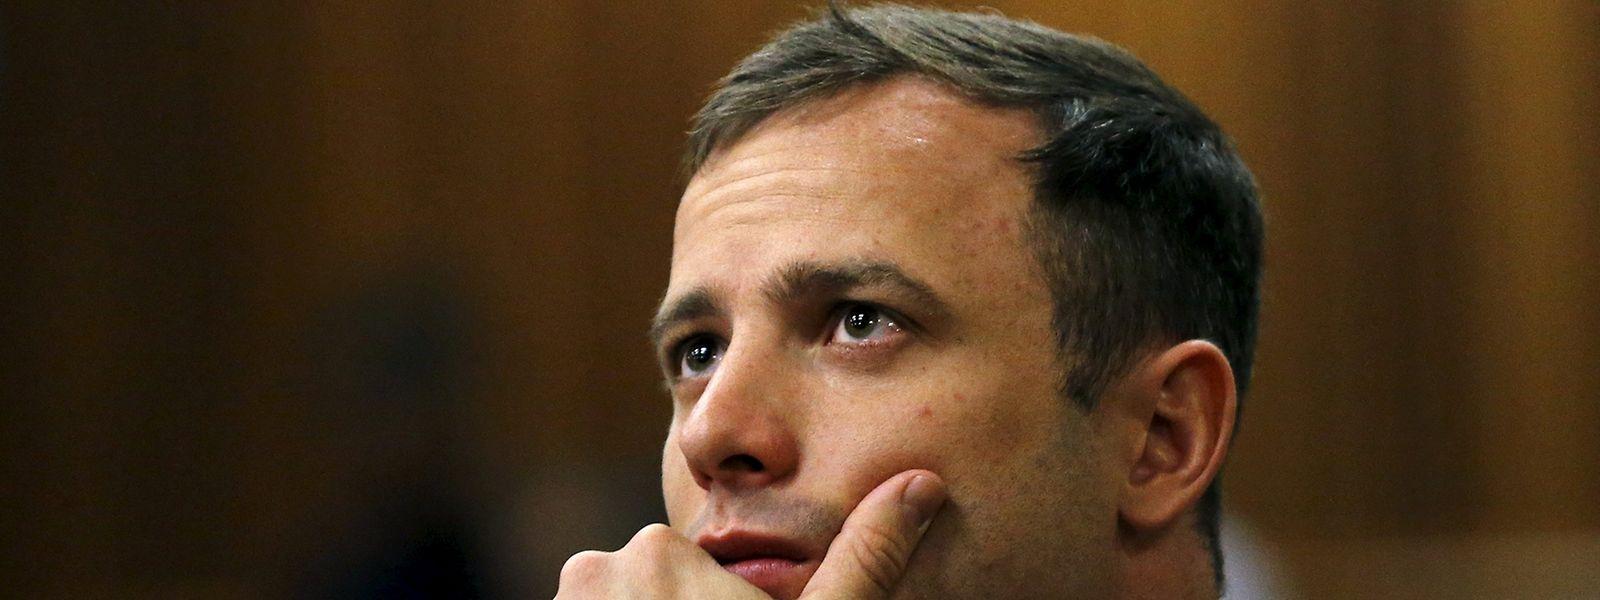 Der Fall Oscar Pistorius entwickelte sich zum Medienspektakel.